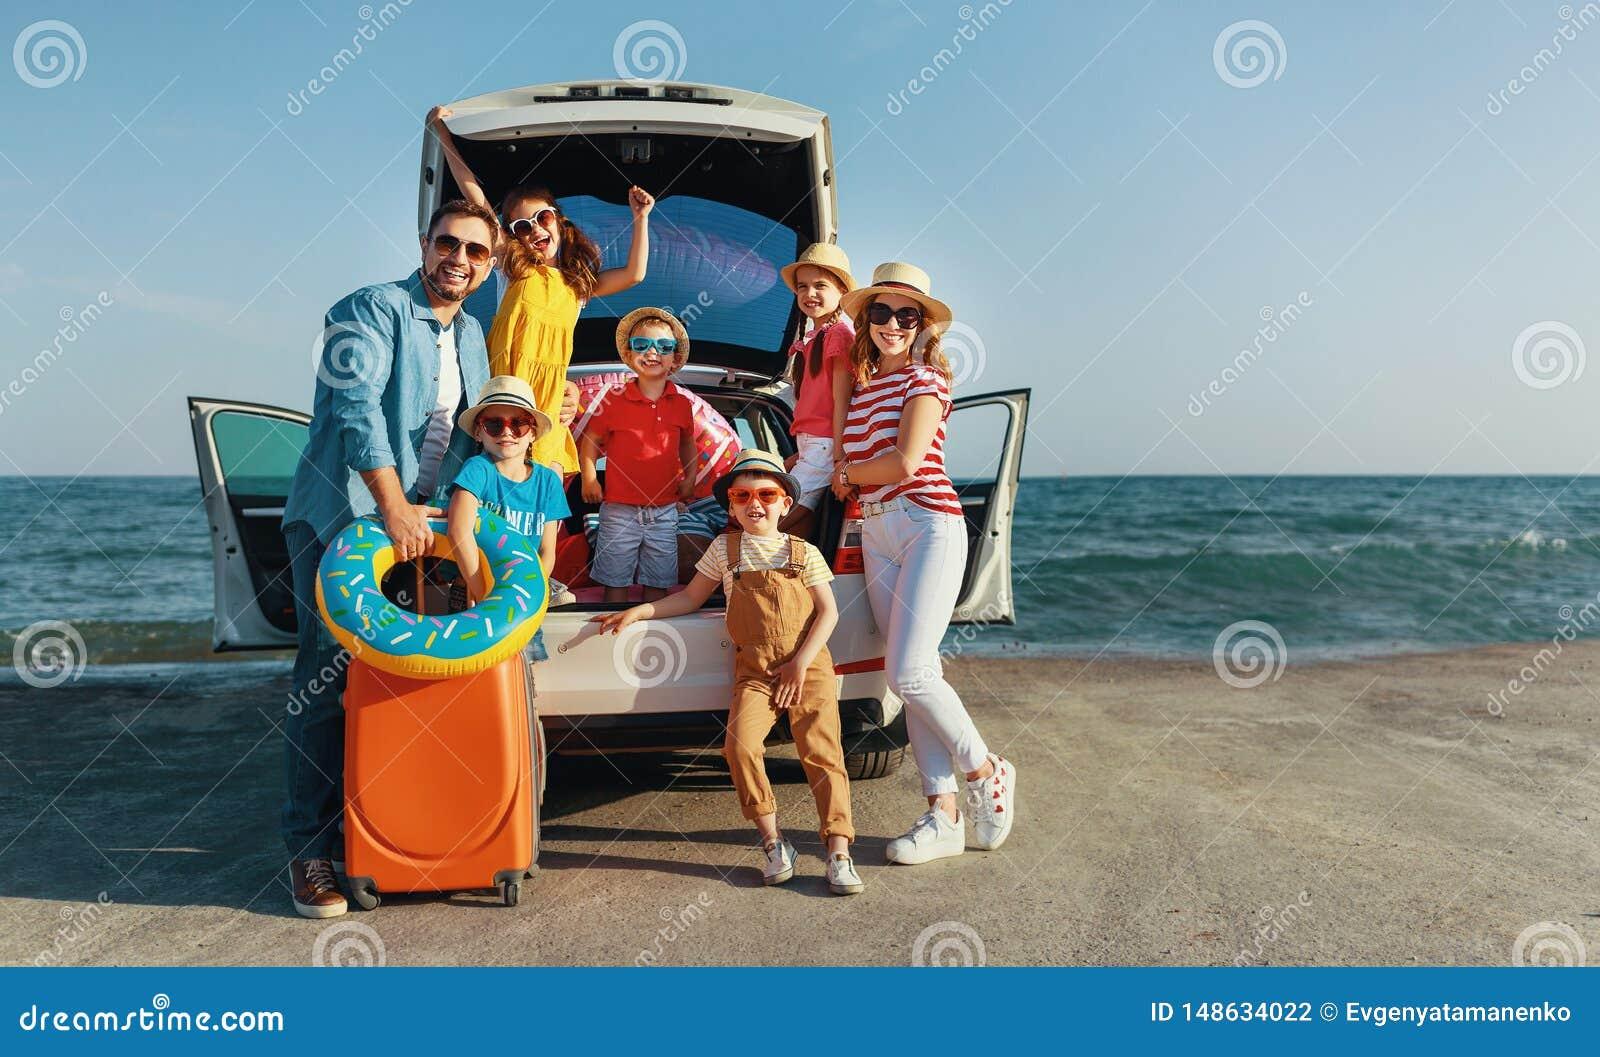 Szcz??liwa du?a rodzina w lato podr??y auto podr??y samochodem na pla?y